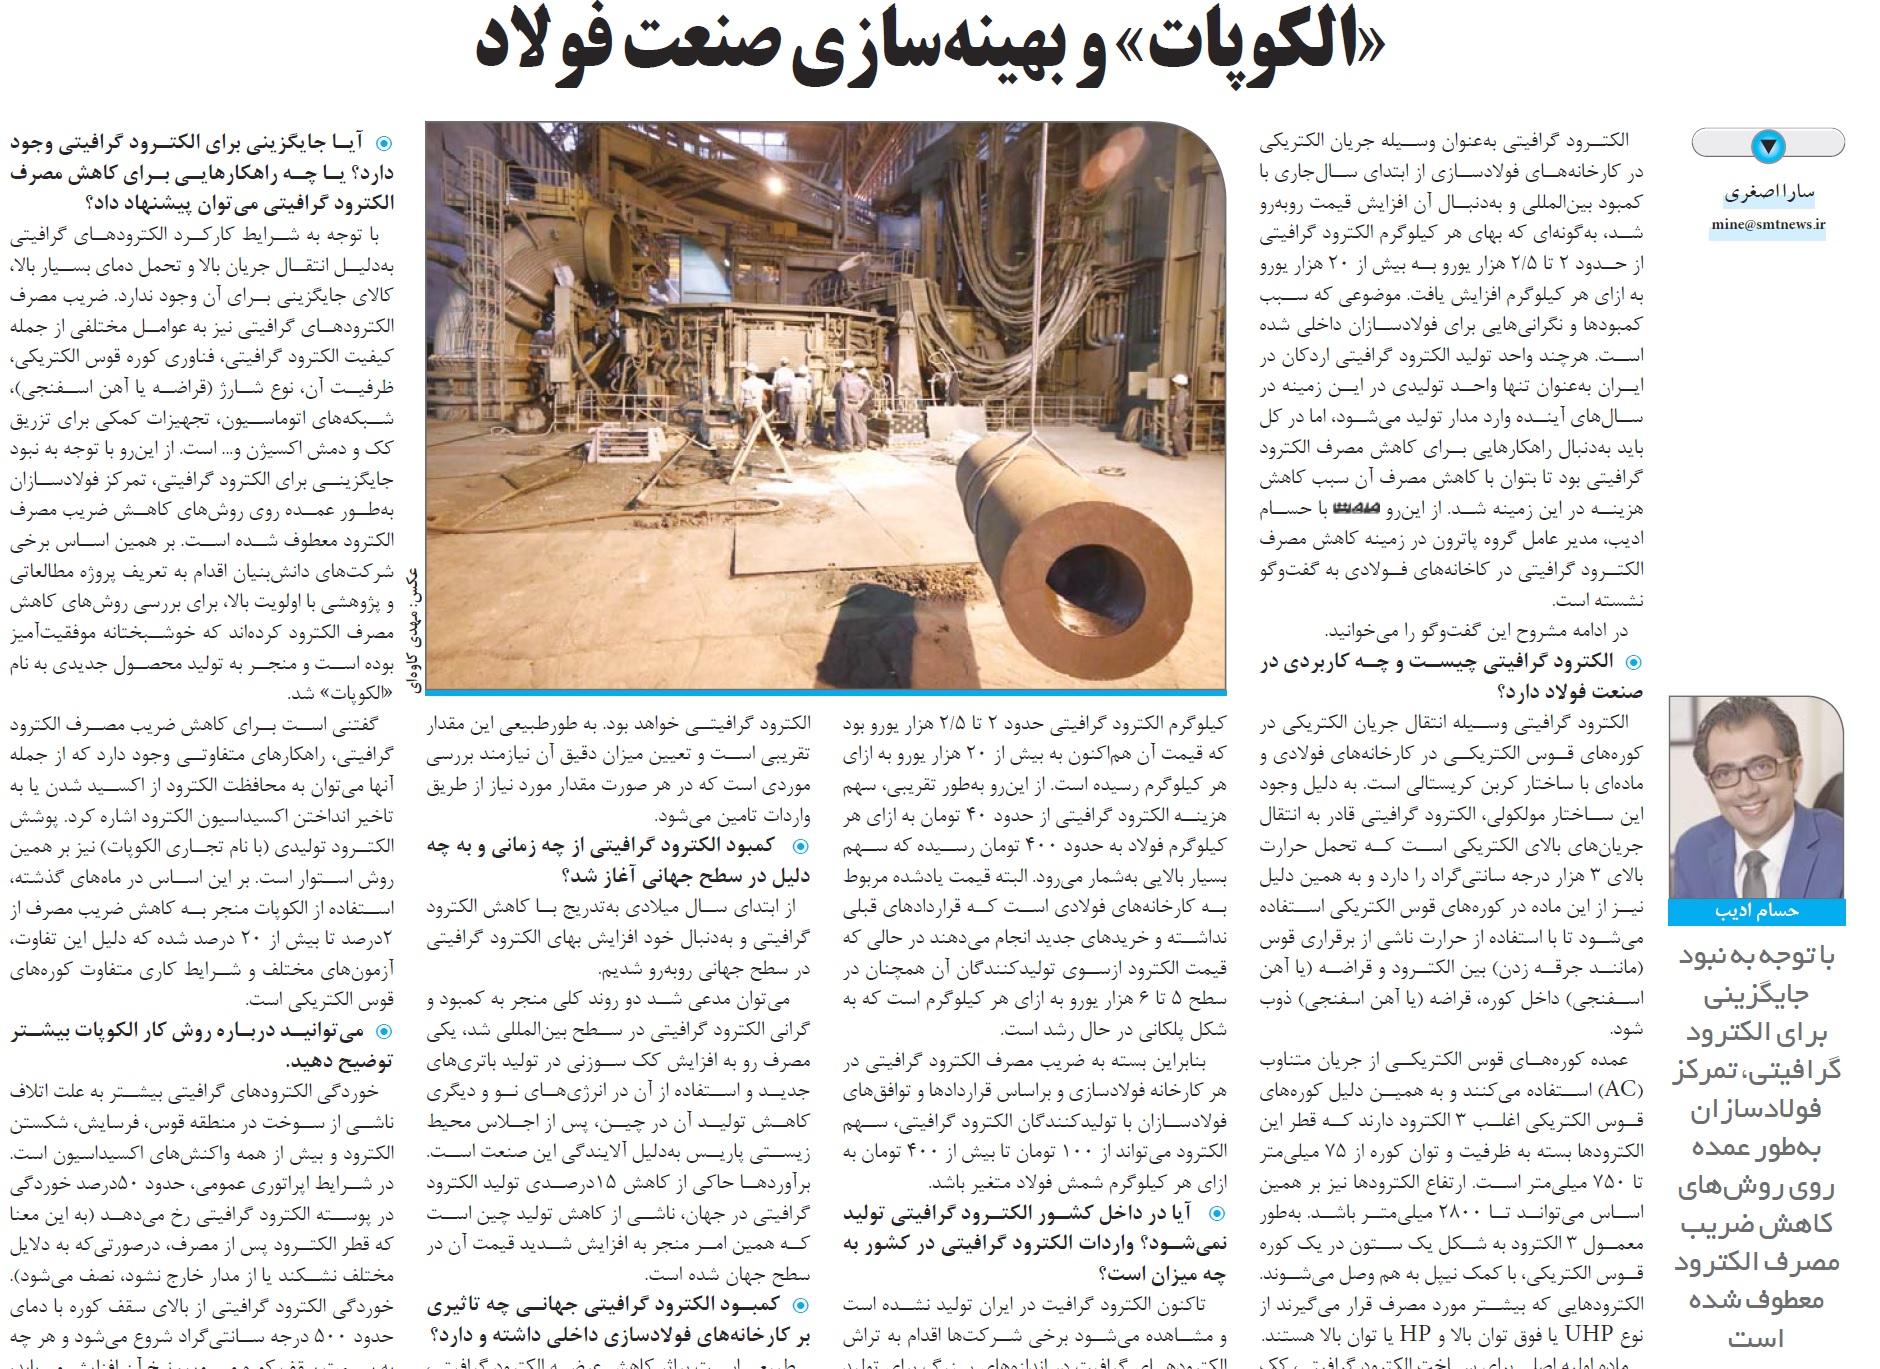 مصاحبه: «الکوپات» و بهینهسازی صنعت فولاد